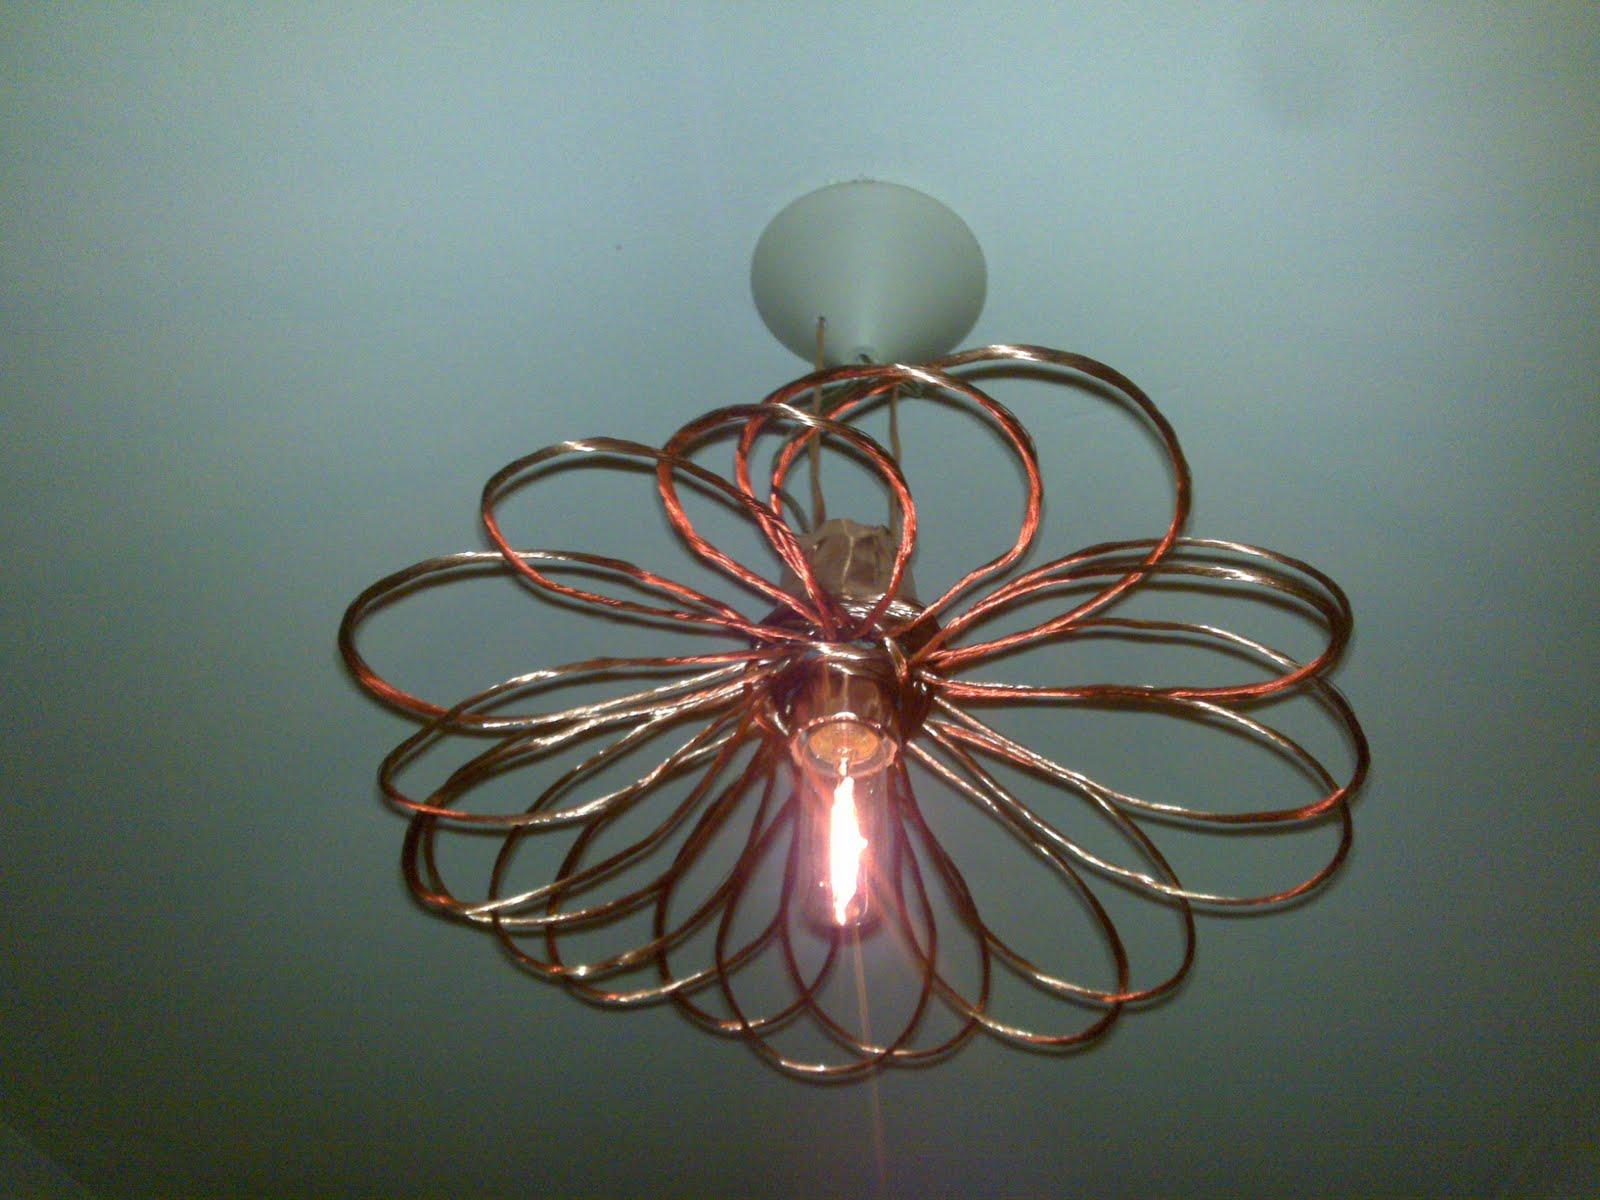 lampadario in rame : Lampadario In Rame : La luce tra il Rame: lampadario in fiore